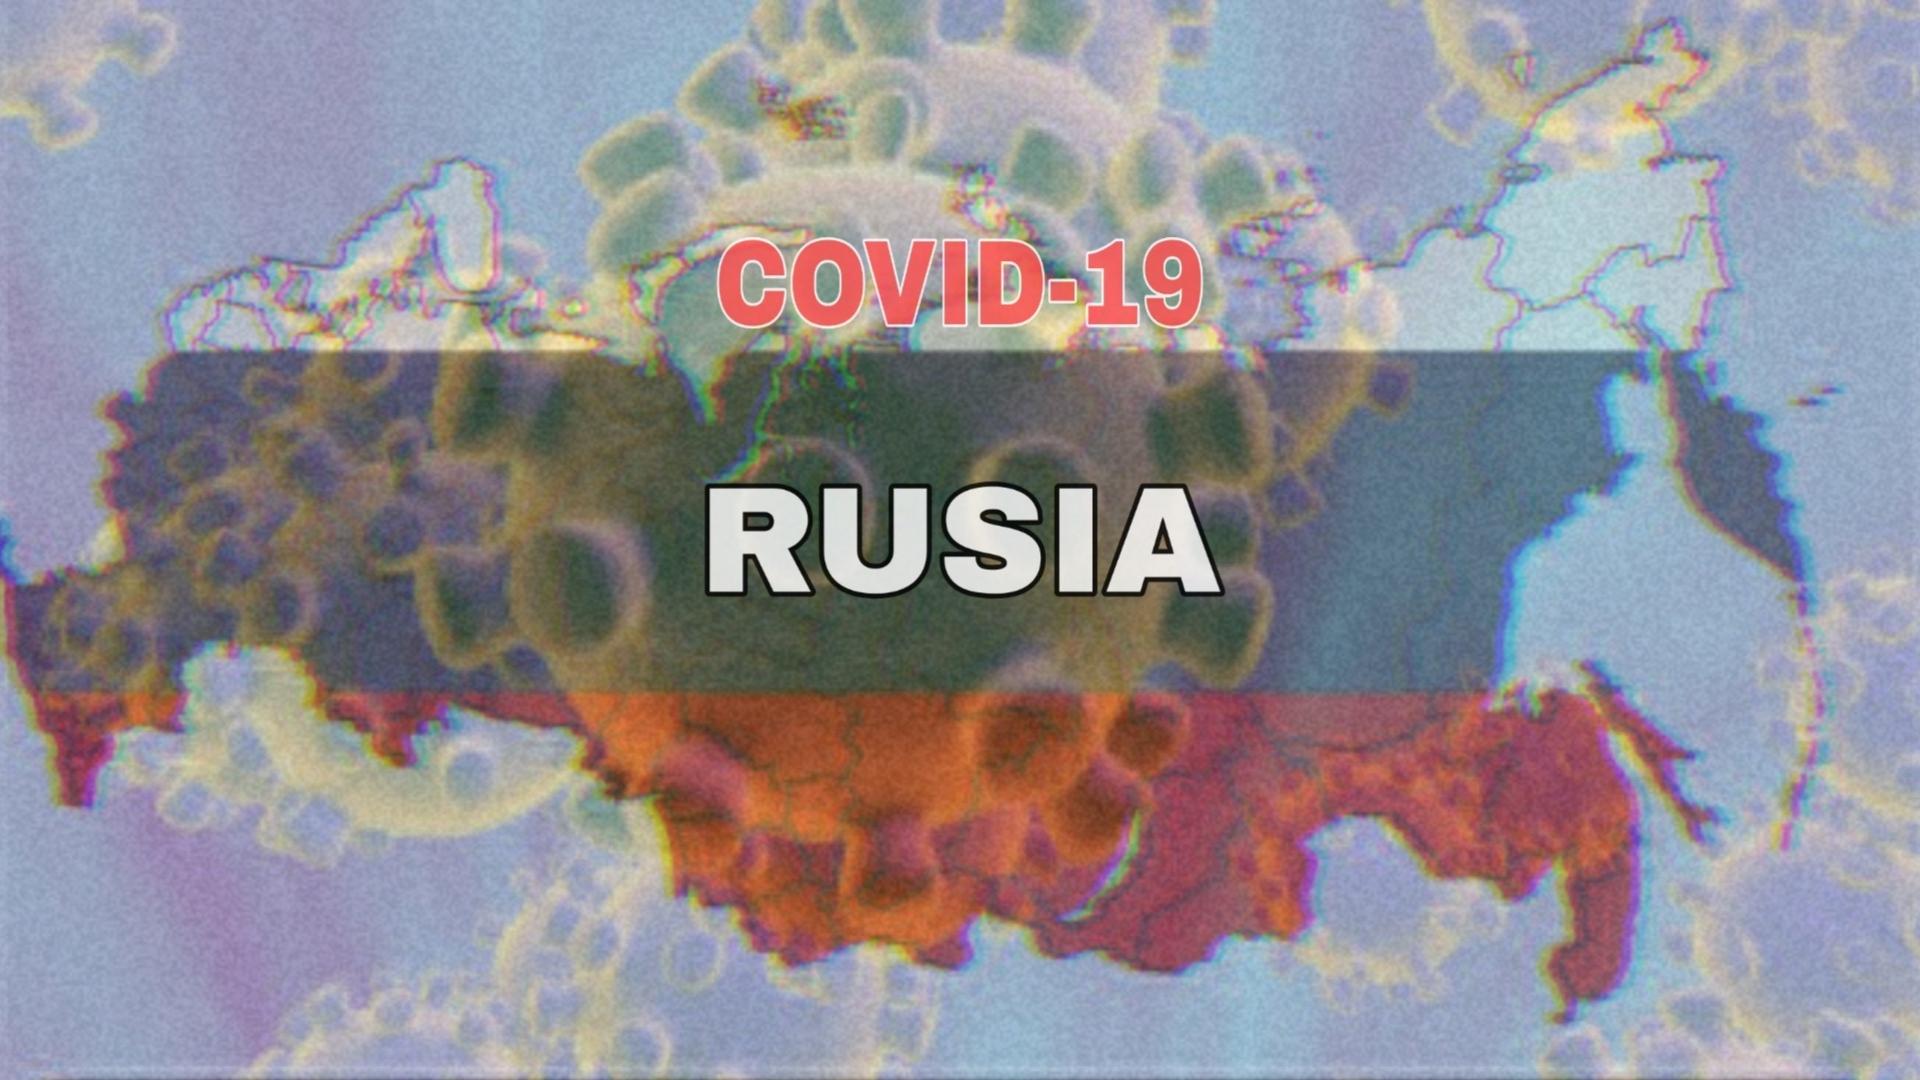 Coronavirus COVID-19 în Rusia: persoane infectate, decizii radicale, situația actuală